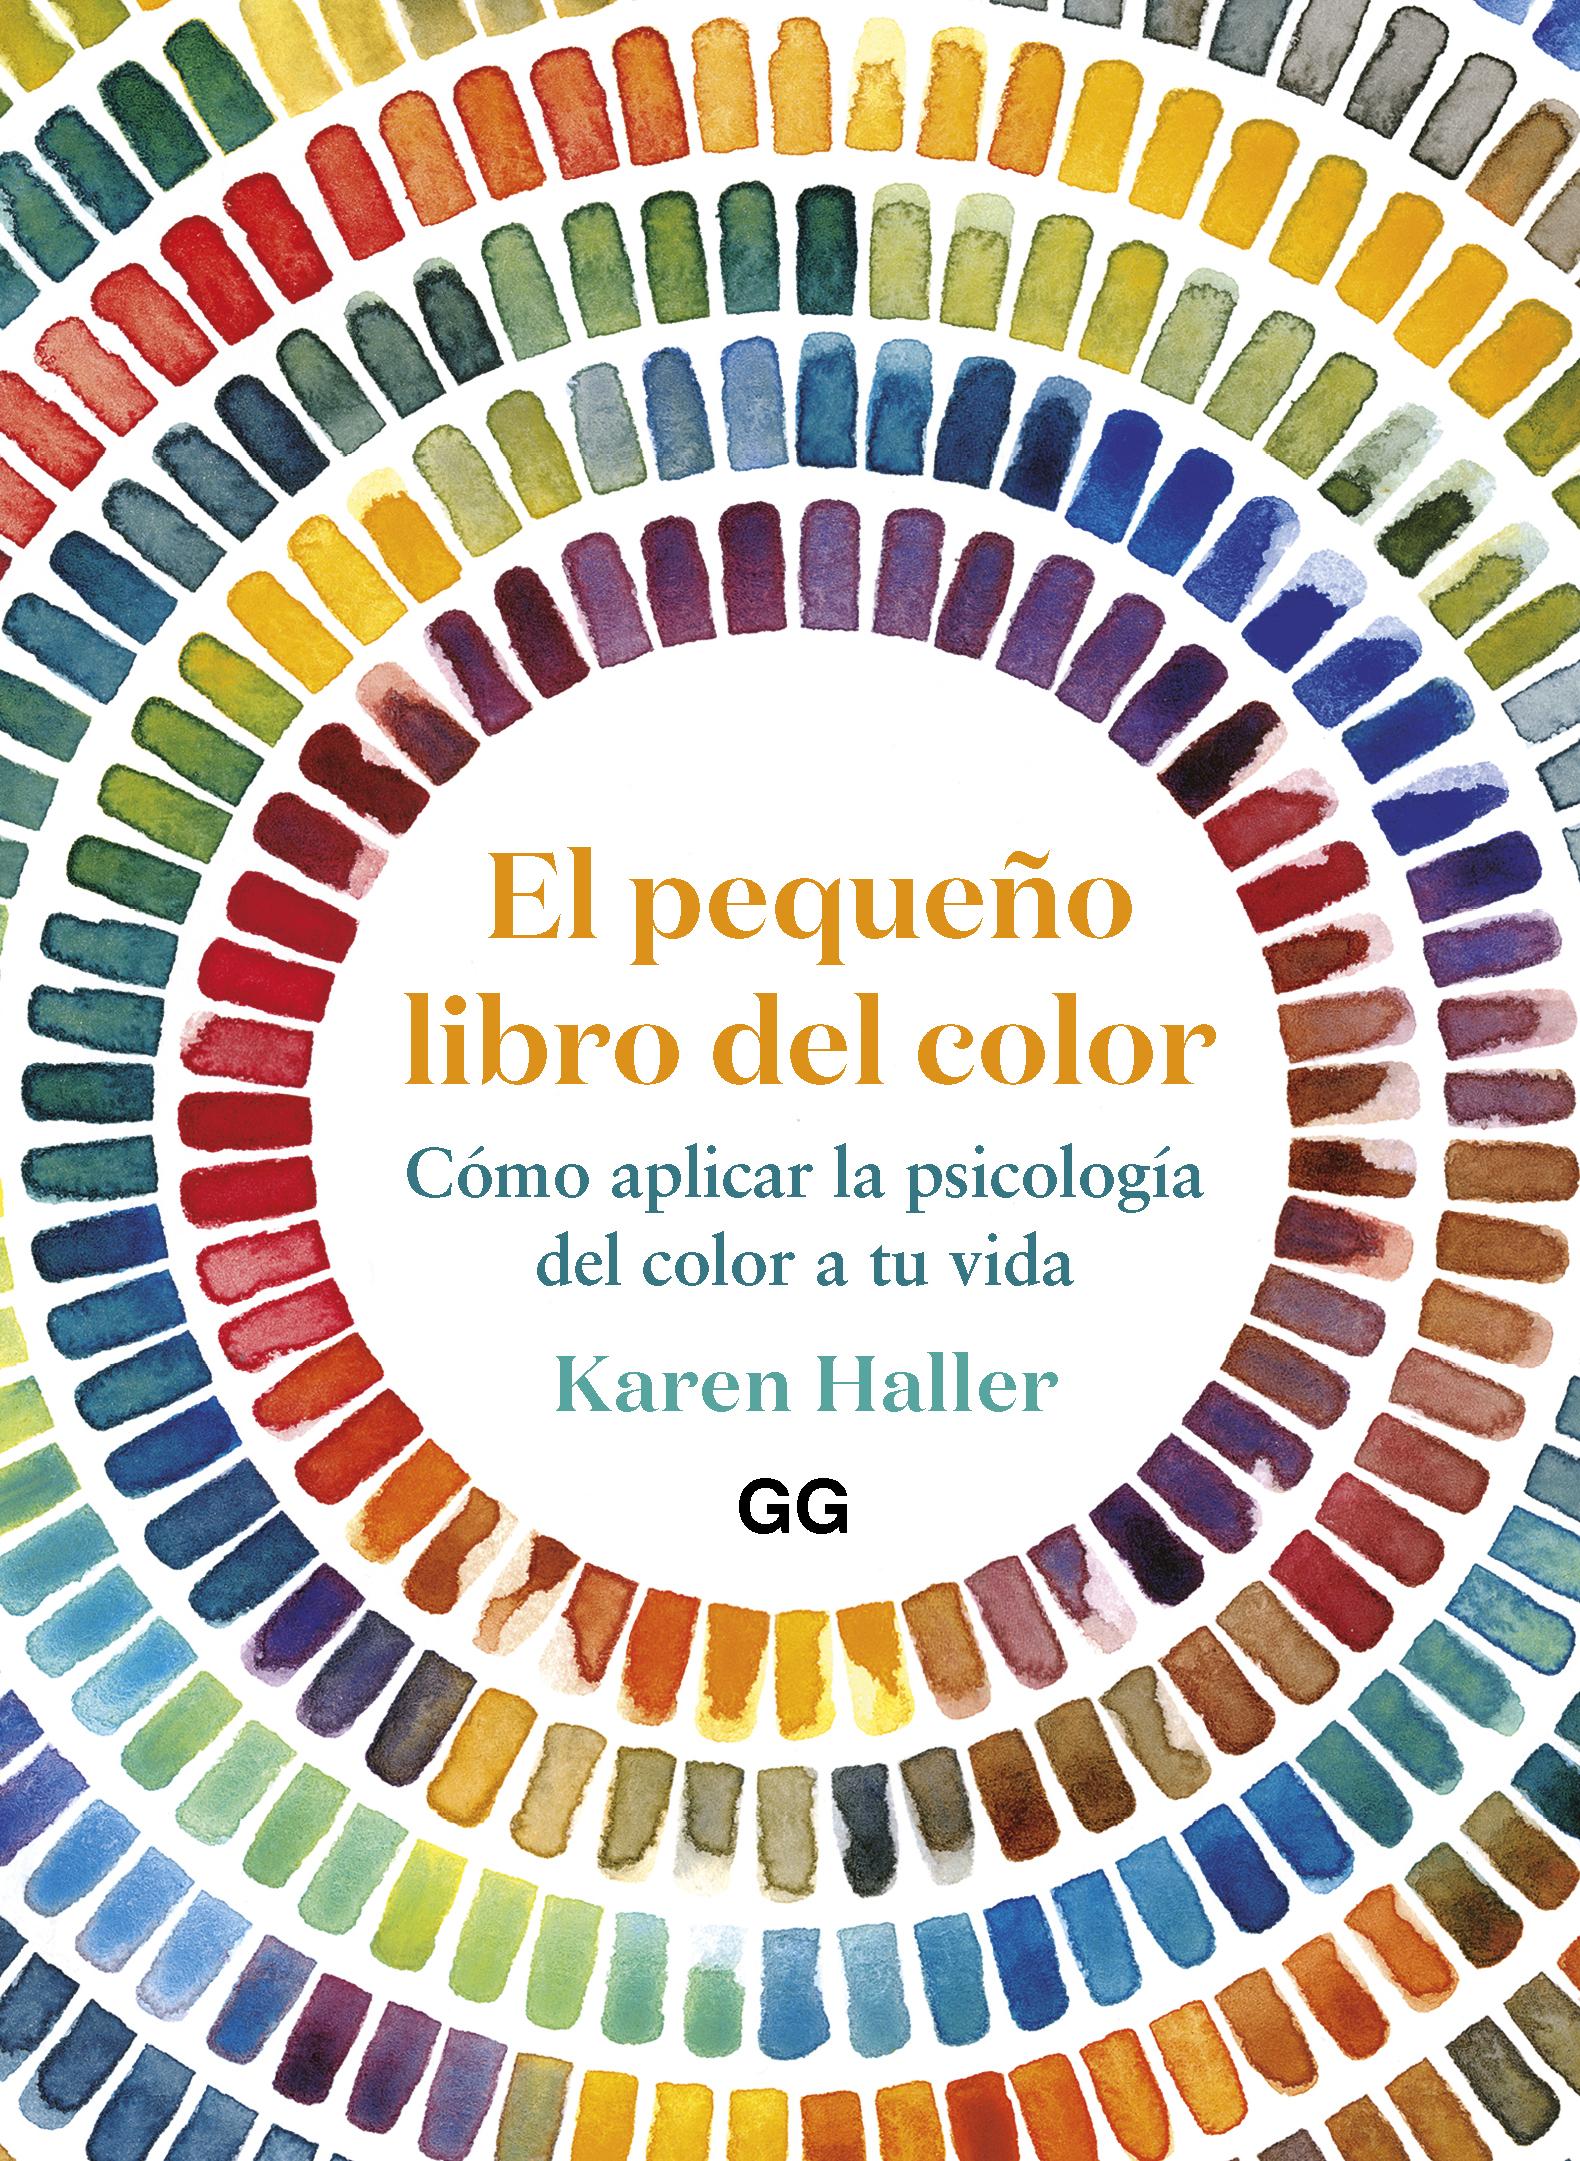 El pequeño libro del color   «Cómo aplicar la psicología del color a tu vida»